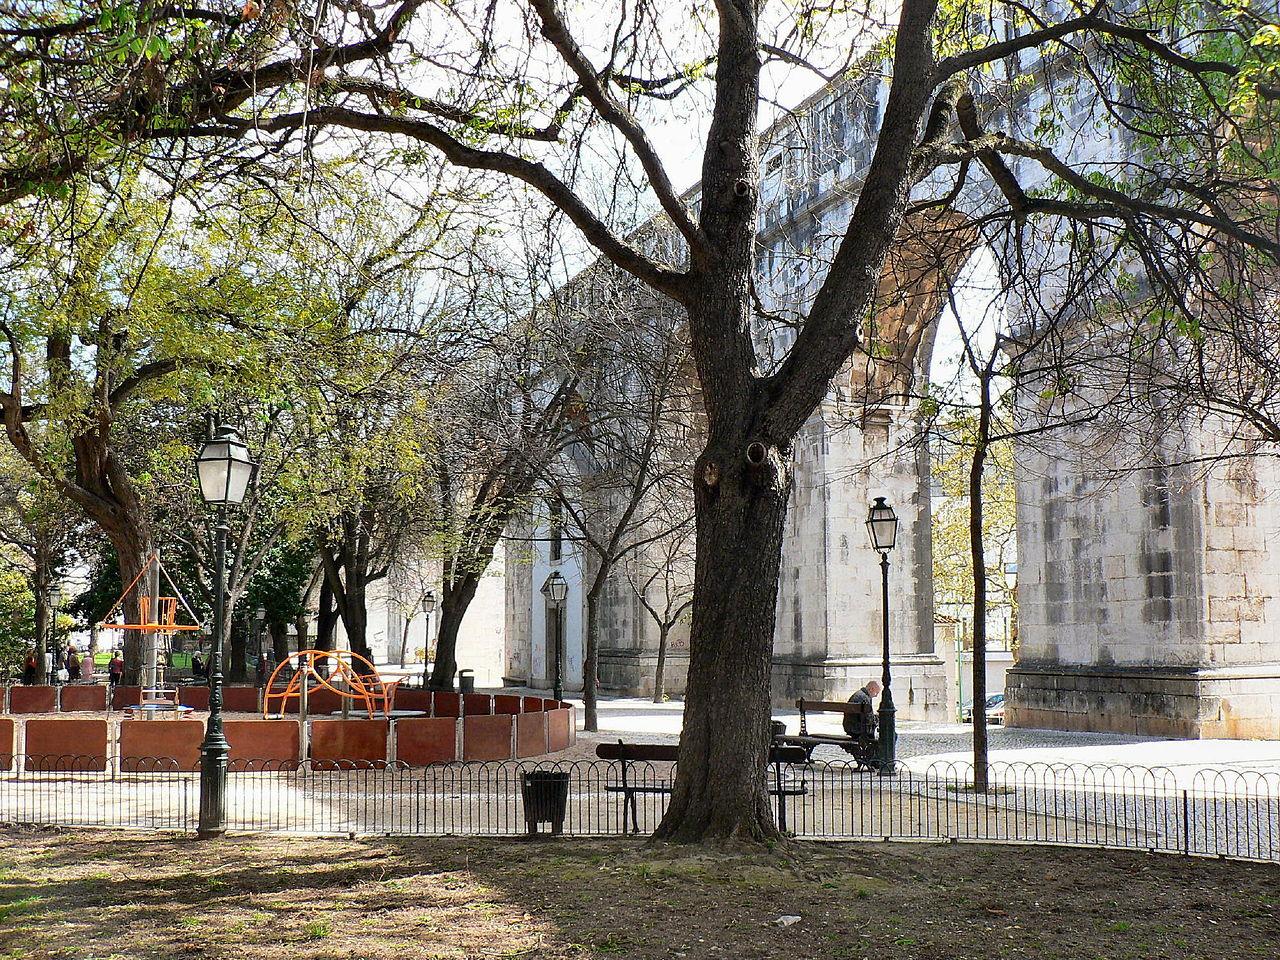 Акведук Агуаш-Либриш в Лиссабоне, площадь Amoreiras